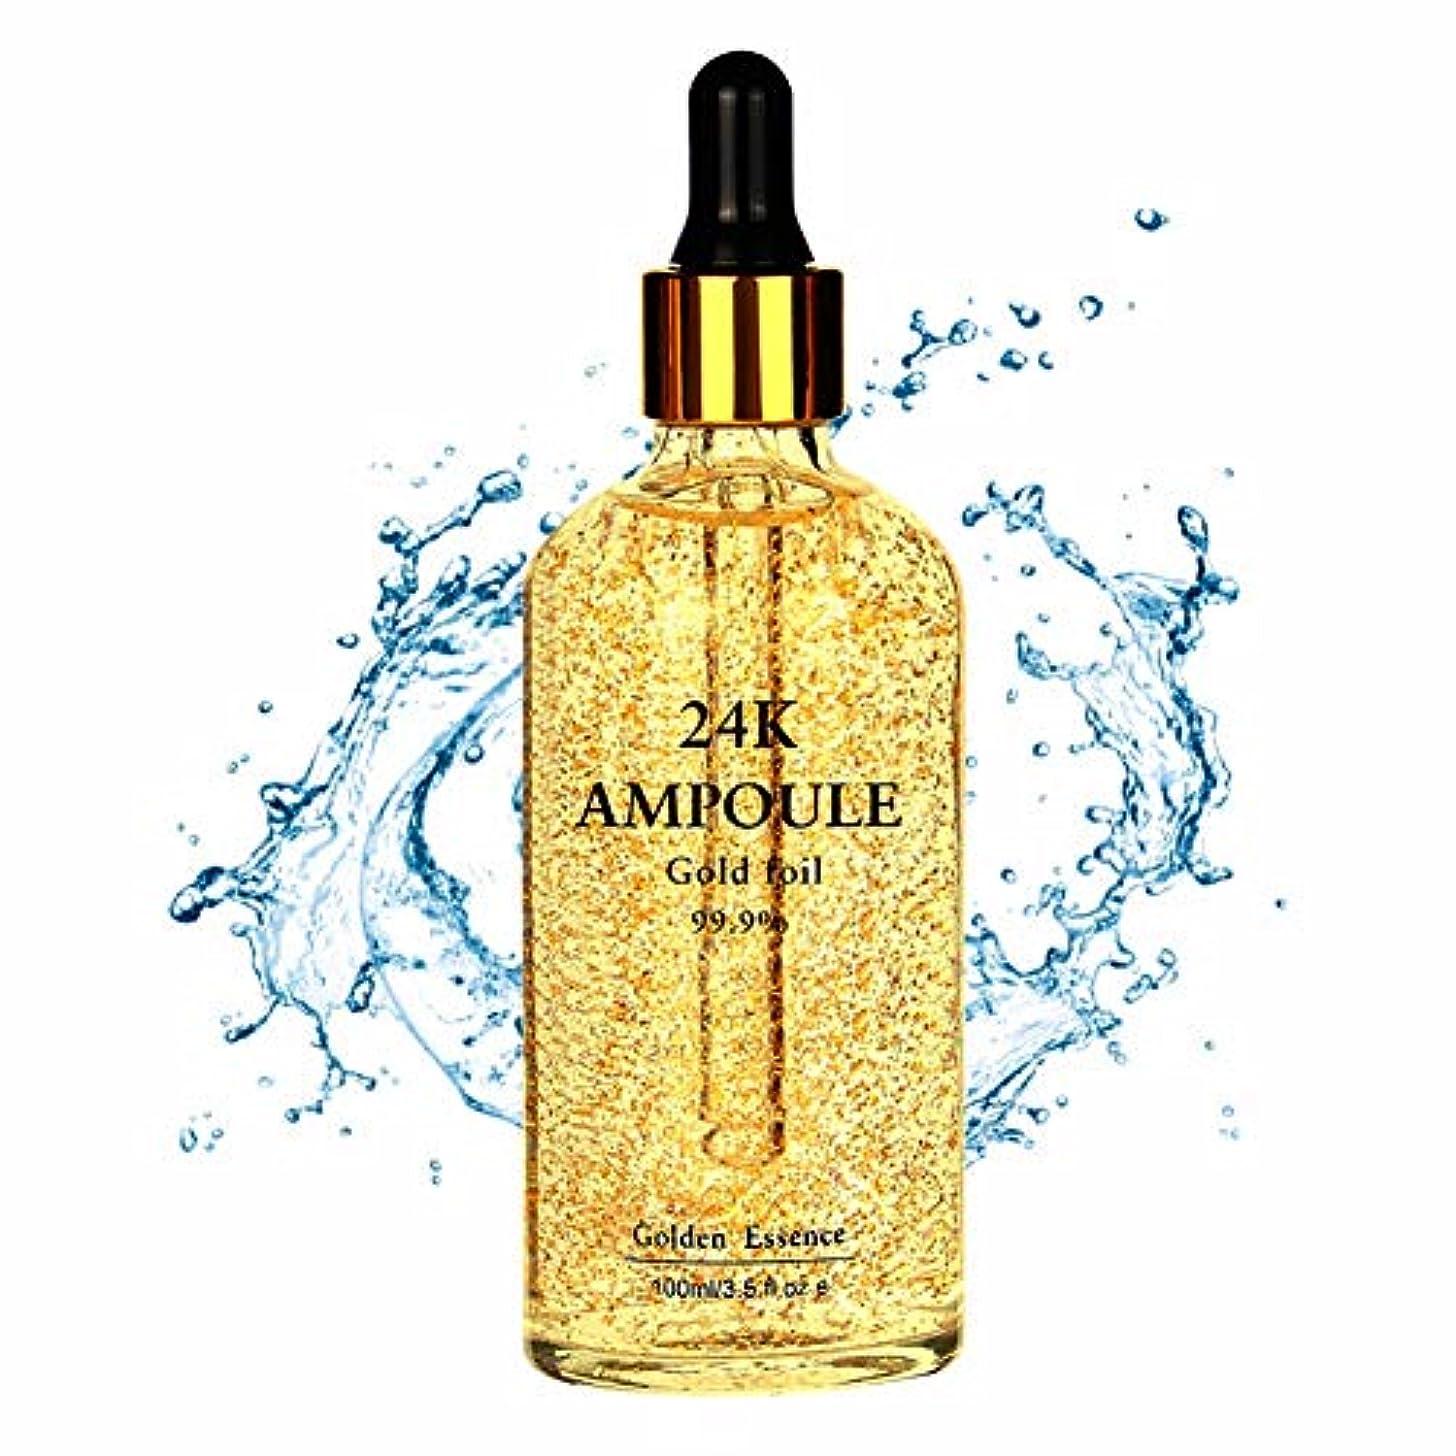 社会汚物連鎖顔のための24K純粋な金のペプチッド血清、反しわ、反老化および明るくなる皮の調子の皮のためのヒアルロン酸の血清